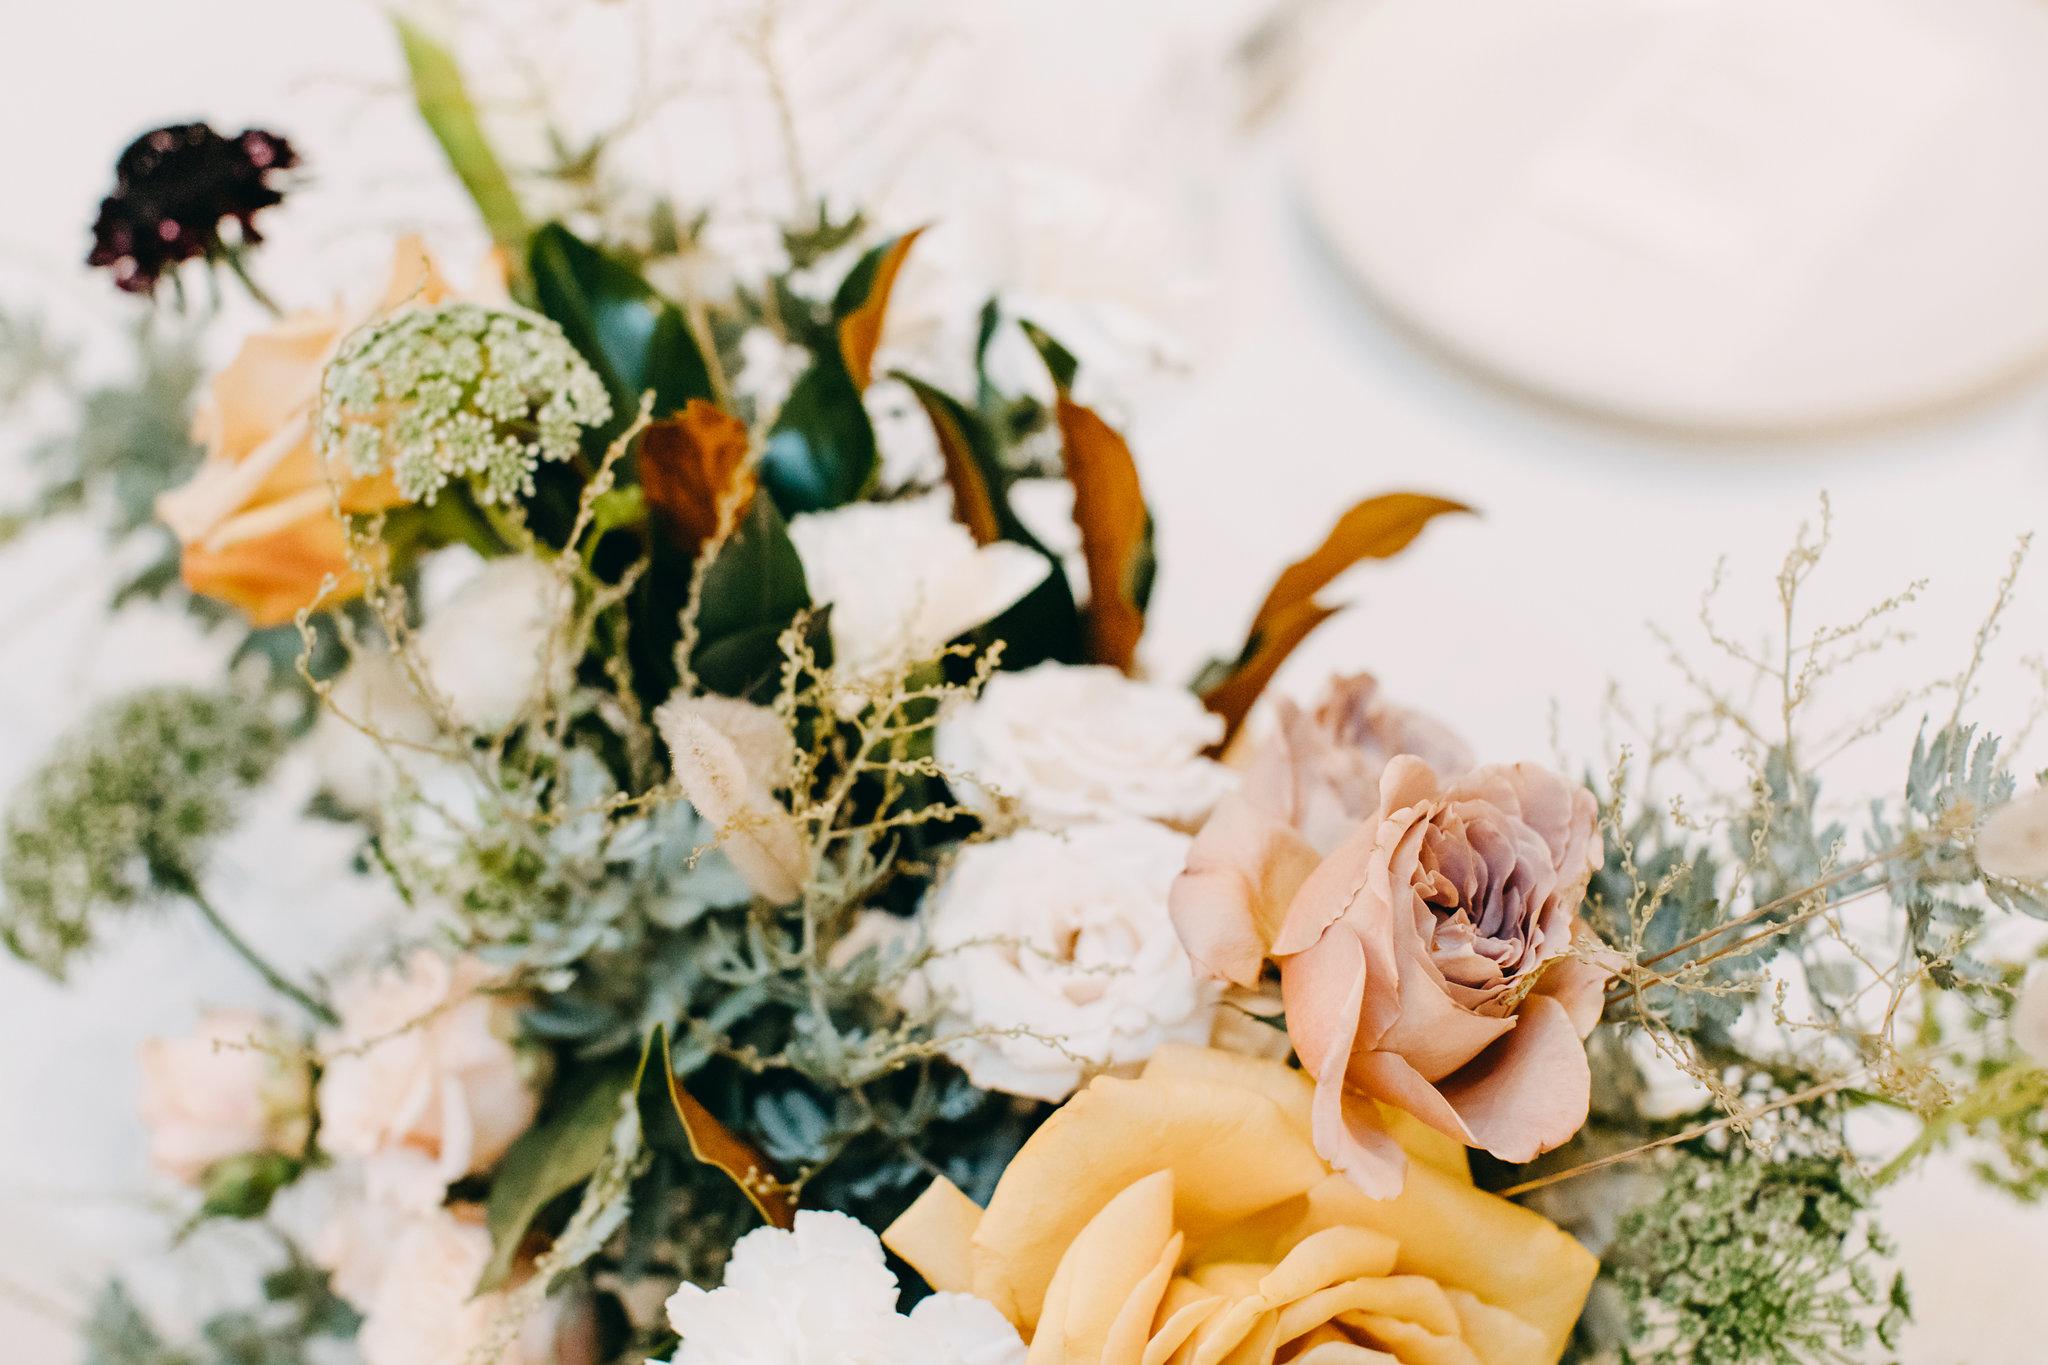 WEDDINGOPENDAY-STATEBUILDINGS-APR2018-30